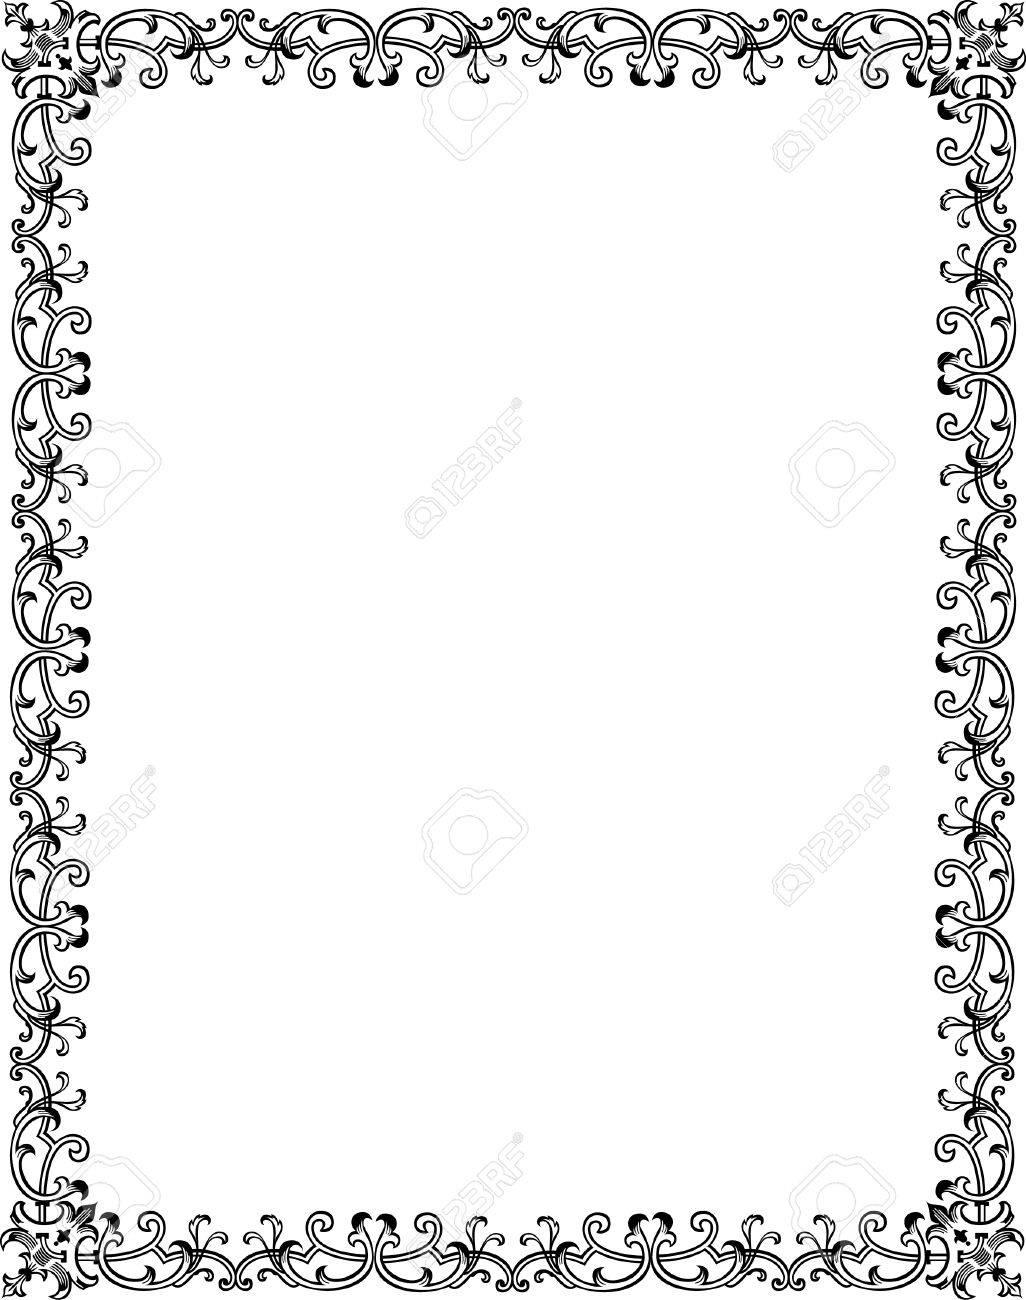 Rahmen Verziert, Schwarz Und Weiß Lizenzfrei Nutzbare Vektorgrafiken ...